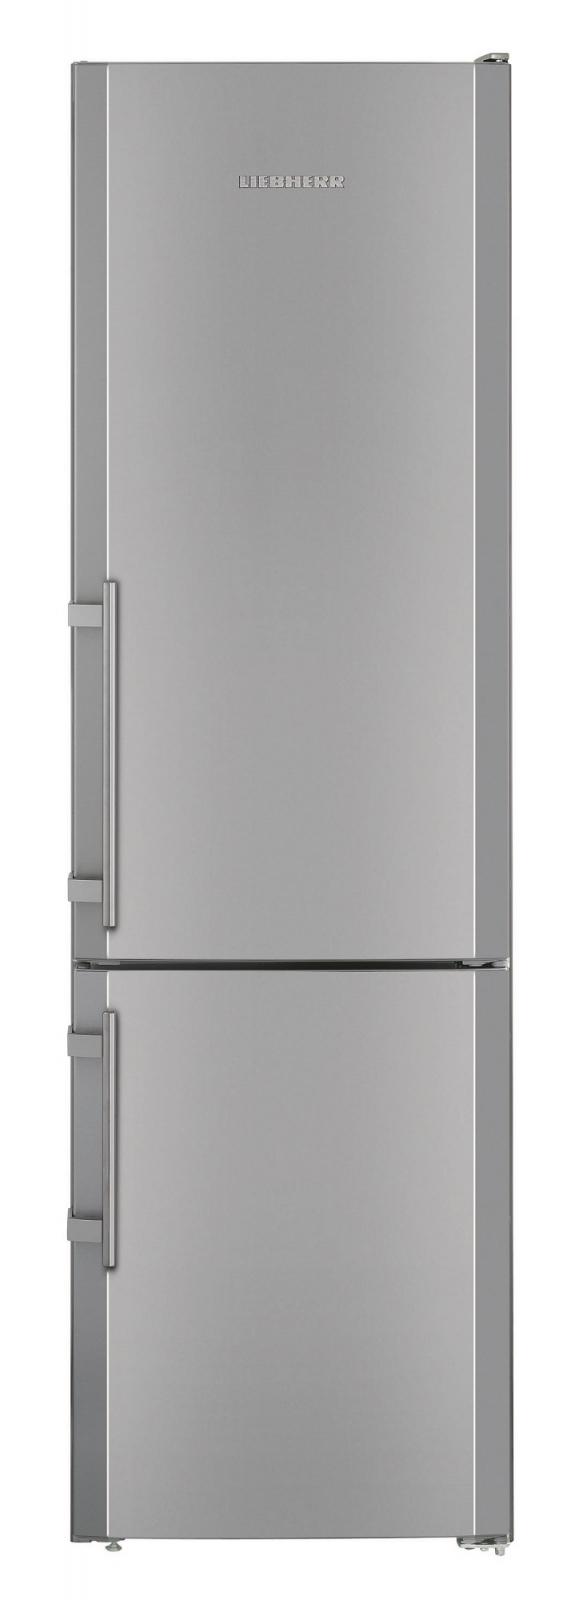 купить Двухкамерный холодильник Liebherr CNes 4003 Украина фото 2